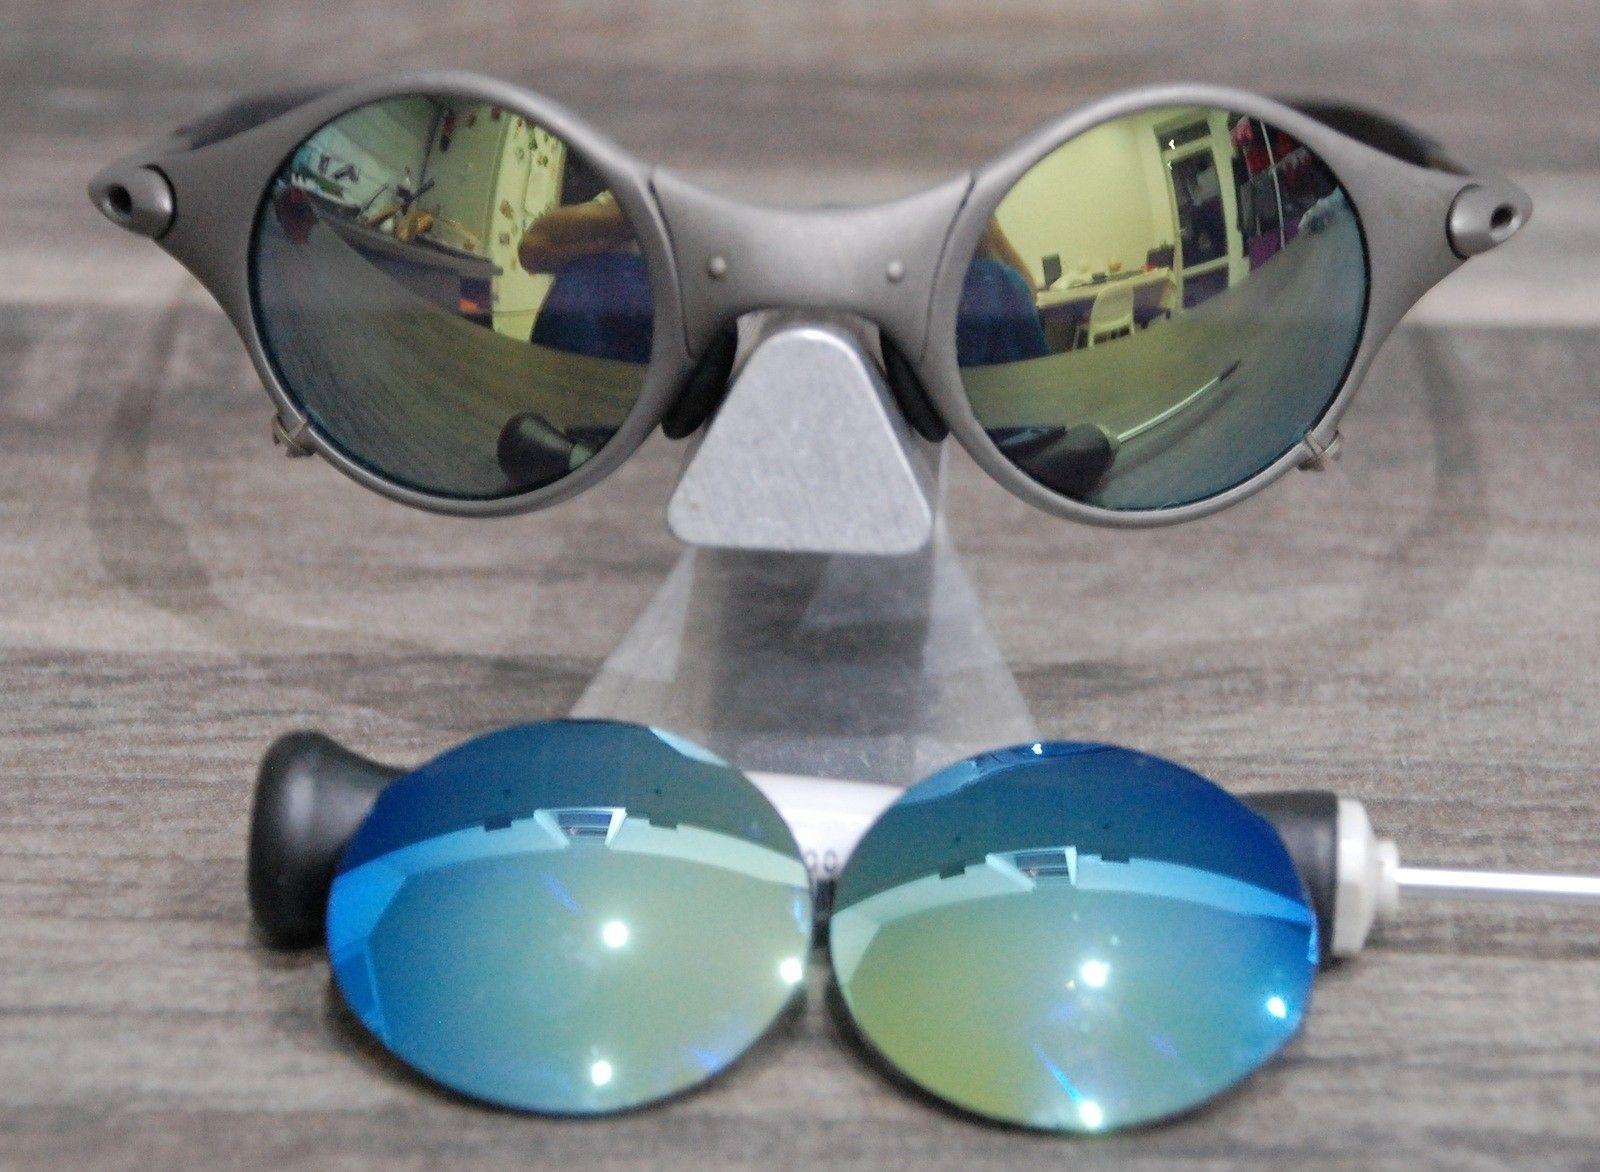 d91b1d5ea456d Oculos Oakley Juliet Replica Mercadolivre « Heritage Malta